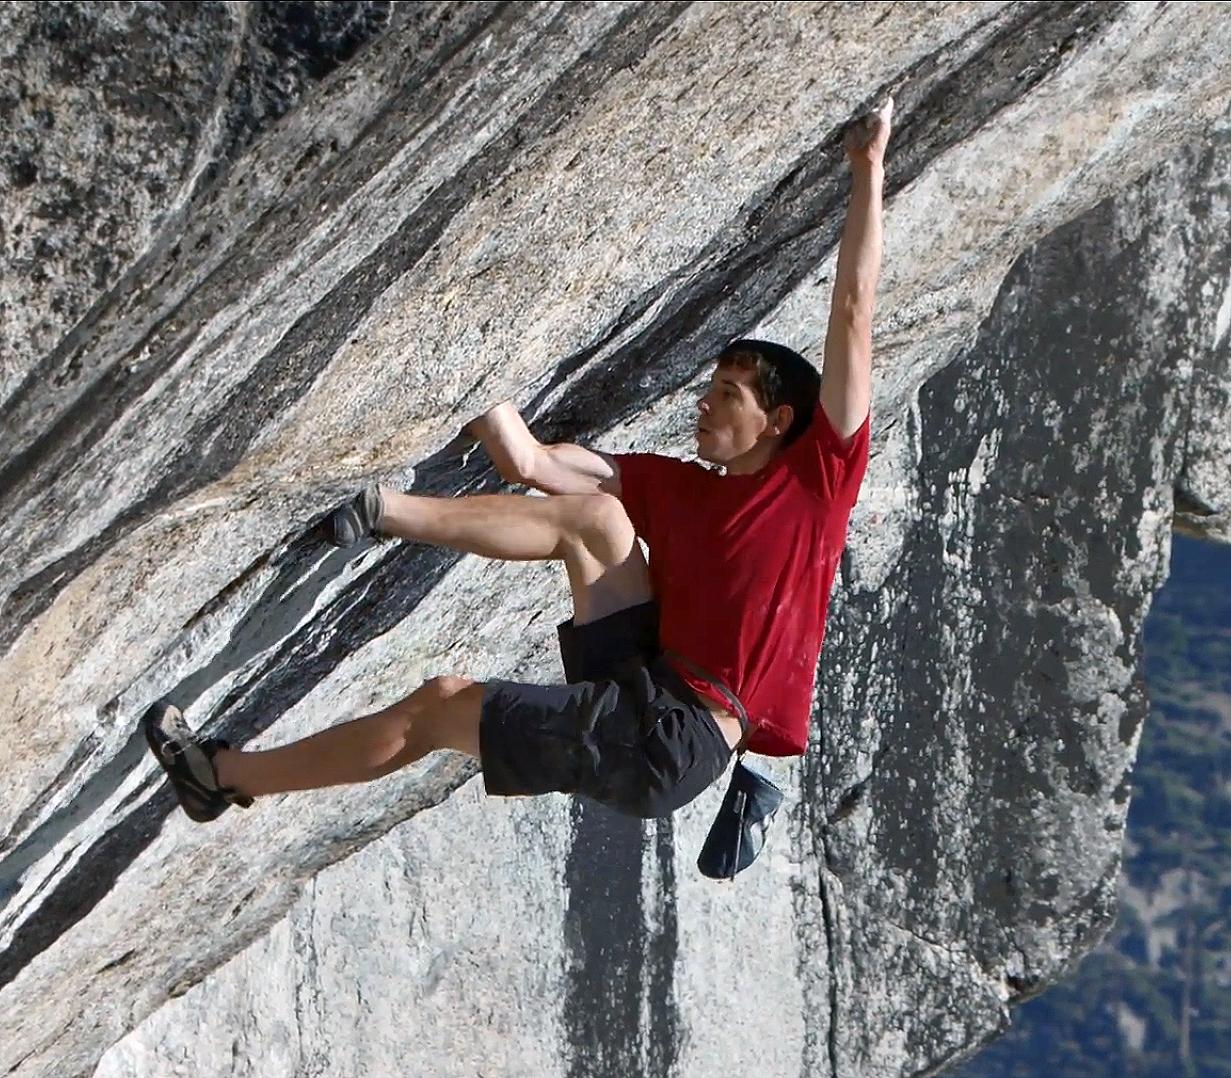 Alex Honnold climbs Heaven